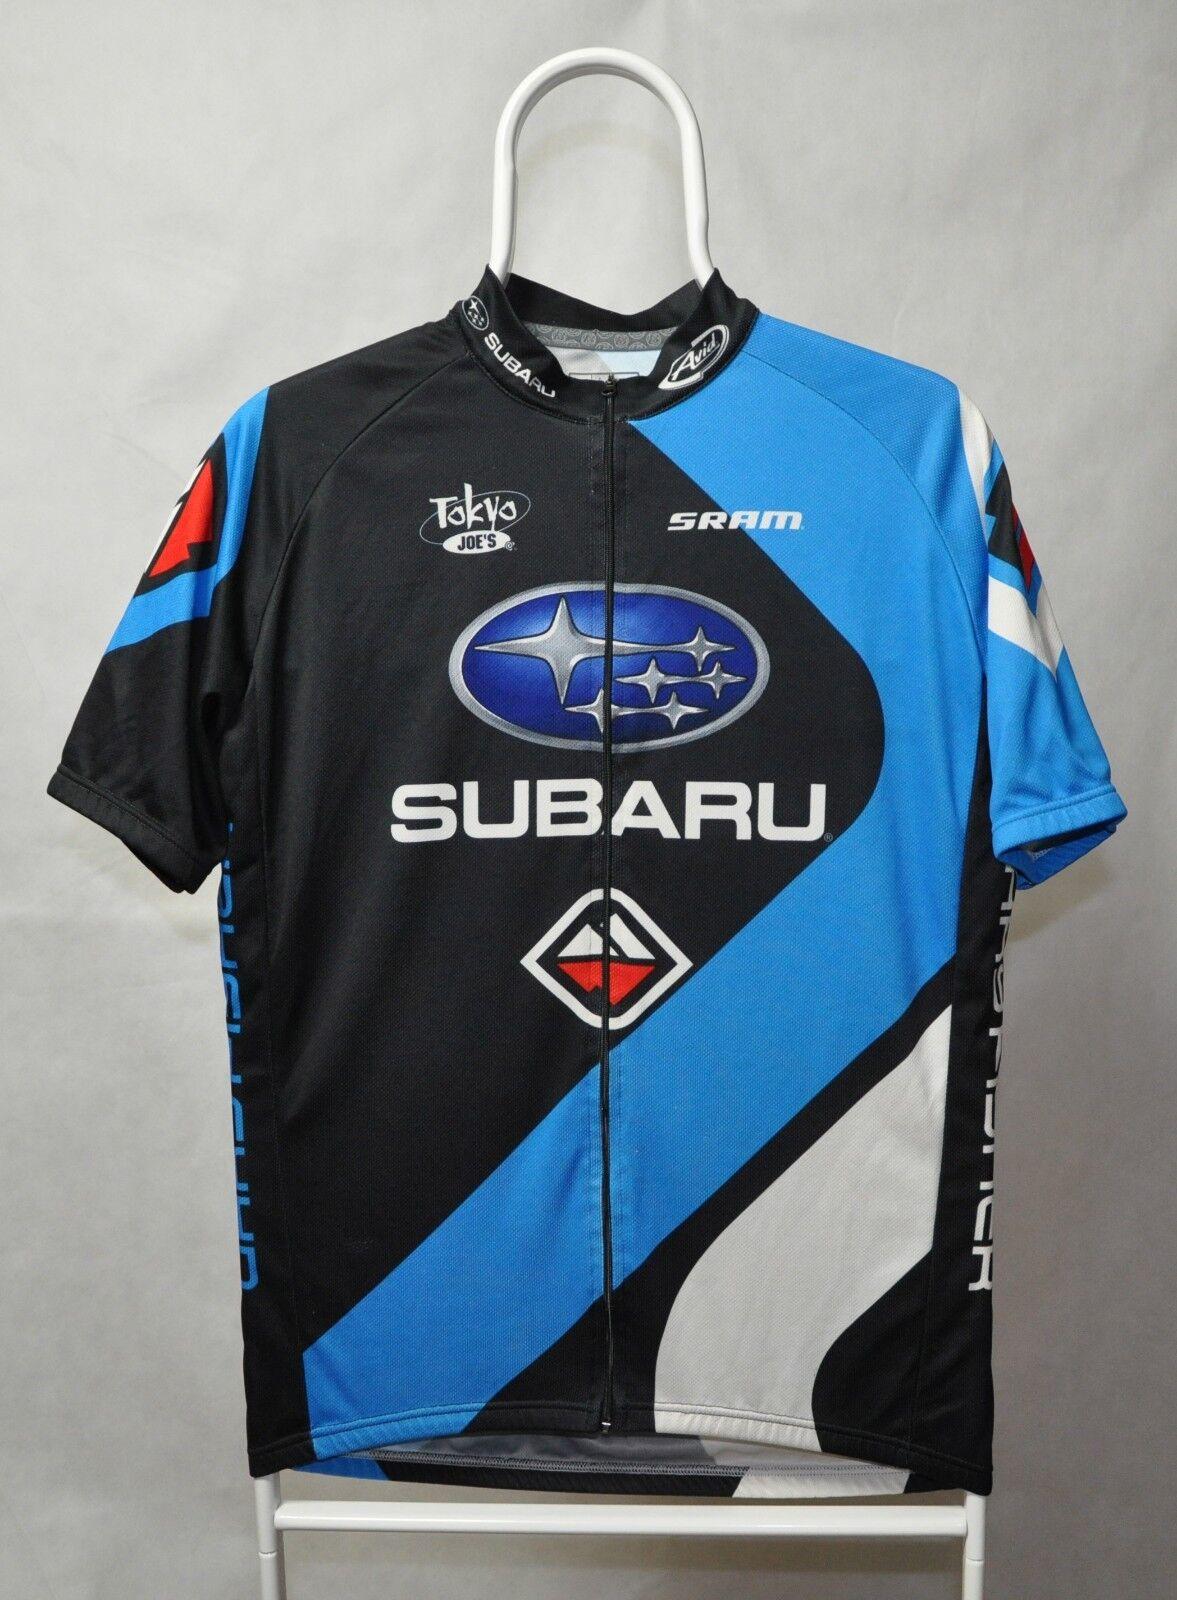 Mens BONTRAGER Subaru Cycling Jersey Size L bike racing